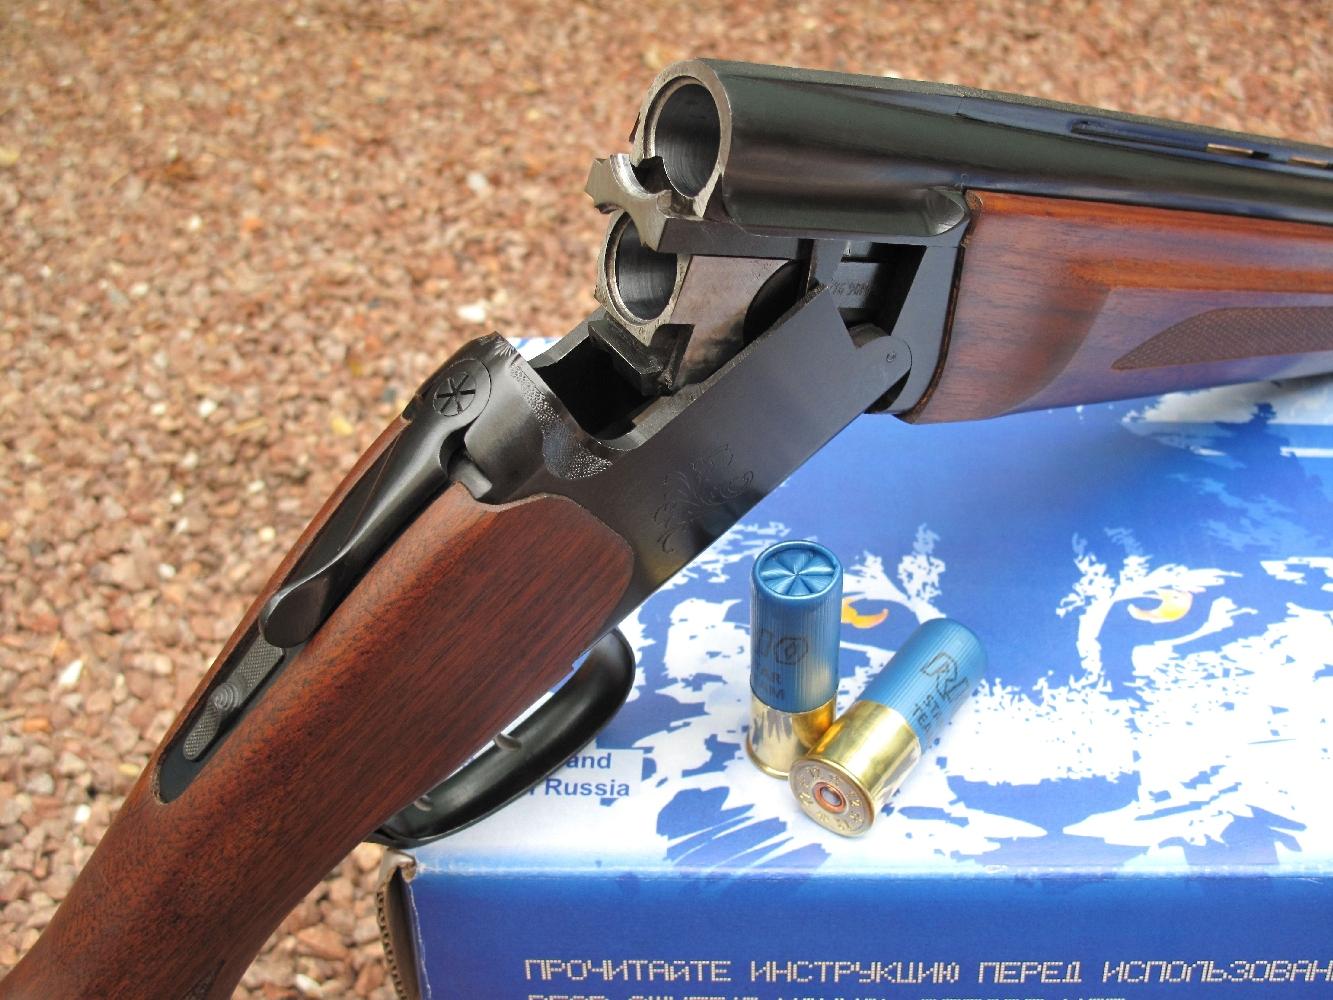 Nous complétons notre banc d'essai de la gamme des fusils russes Baïkal avec le test de ce modèle à deux canons superposés MP-27 (également appelé IJ-27 ou IZH-27) dans sa version MP-27M avec extracteurs, double détente et monture en noyer huilé, chambré en calibre 12/76 (Magnum).